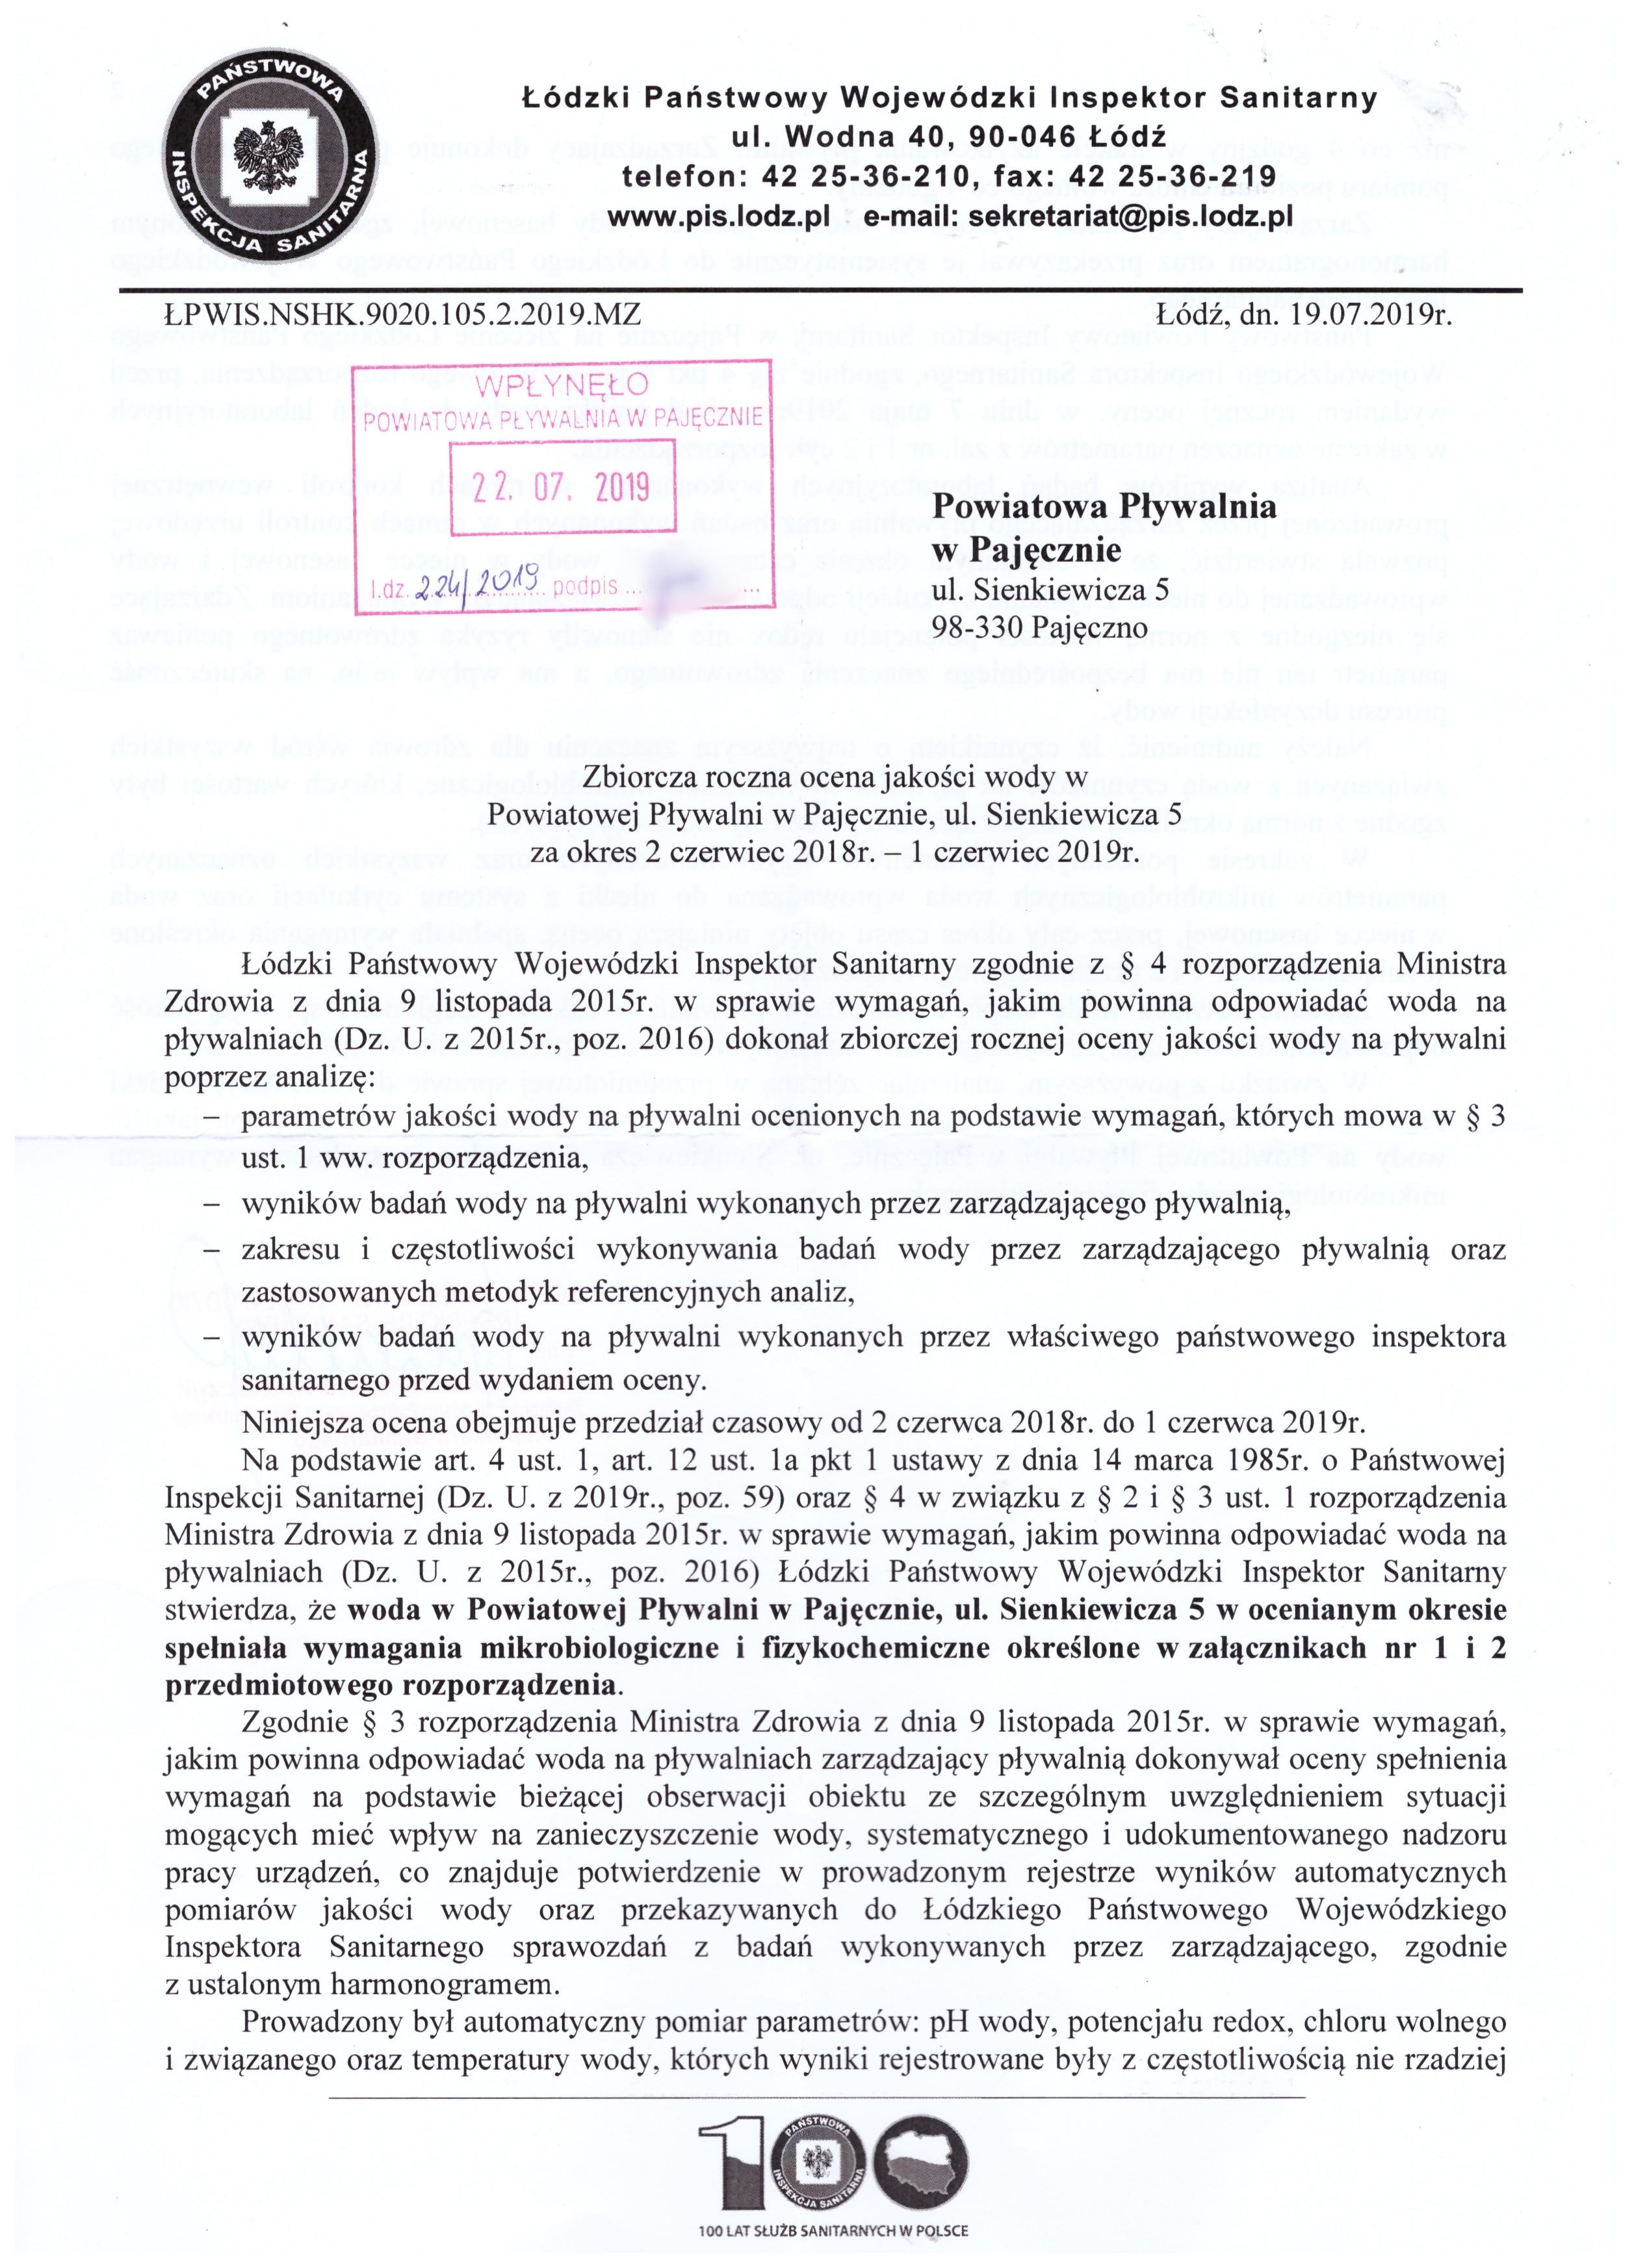 Zbiorcza roczna ocena jakości wody w Powiatowej Pływalni w Pajęcznie - strona 1